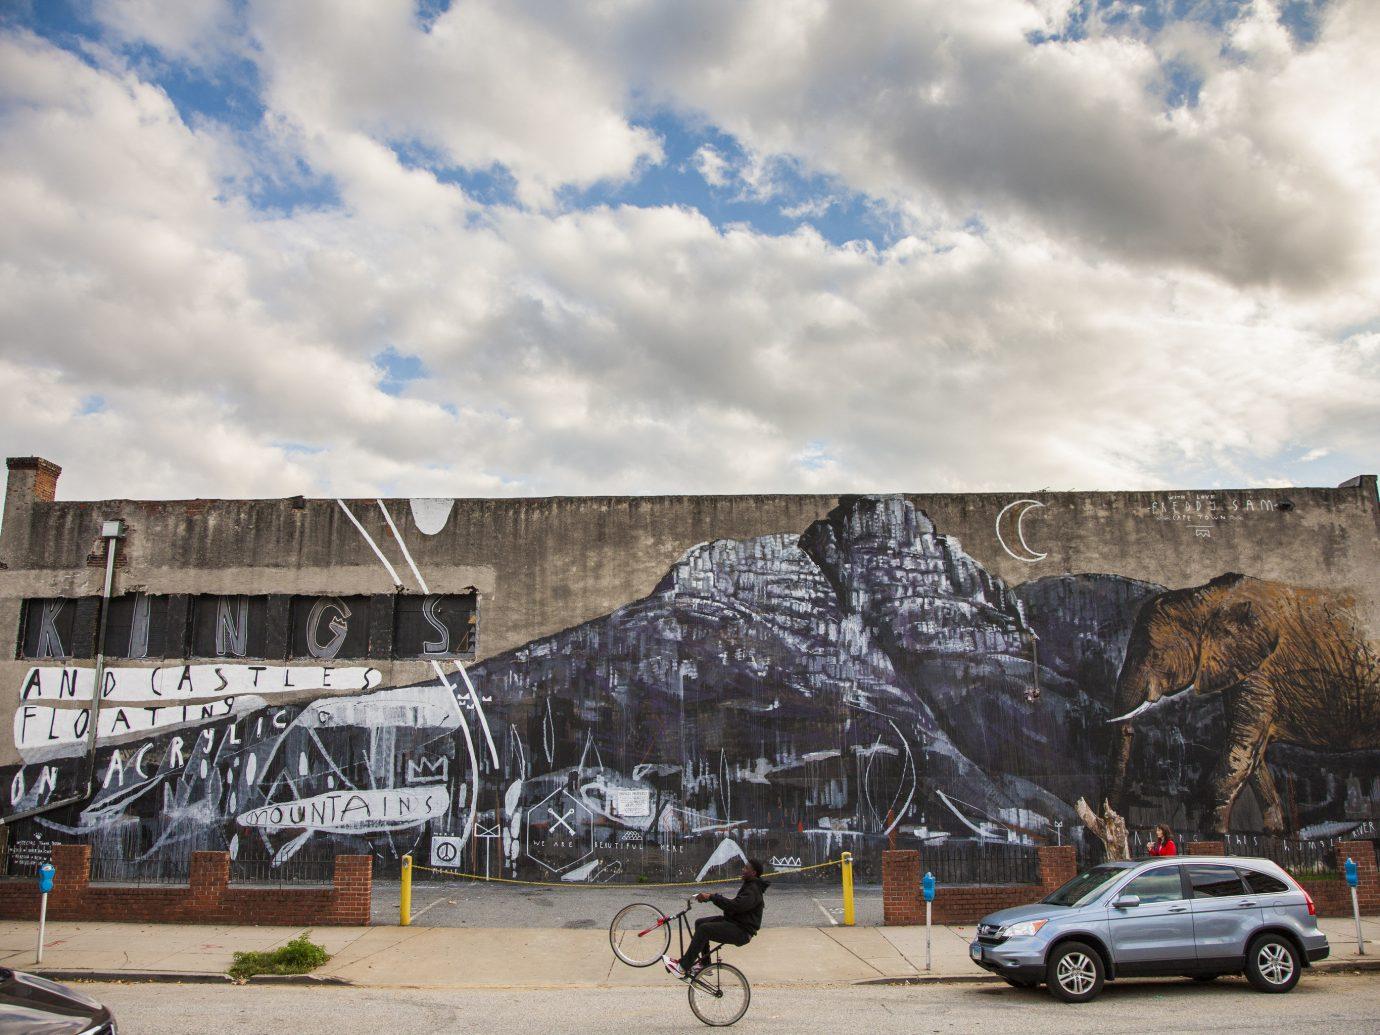 Romance Trip Ideas Weekend Getaways outdoor sky road wall parked street art mural building cloud neighbourhood vehicle facade car tree street house graffiti City day